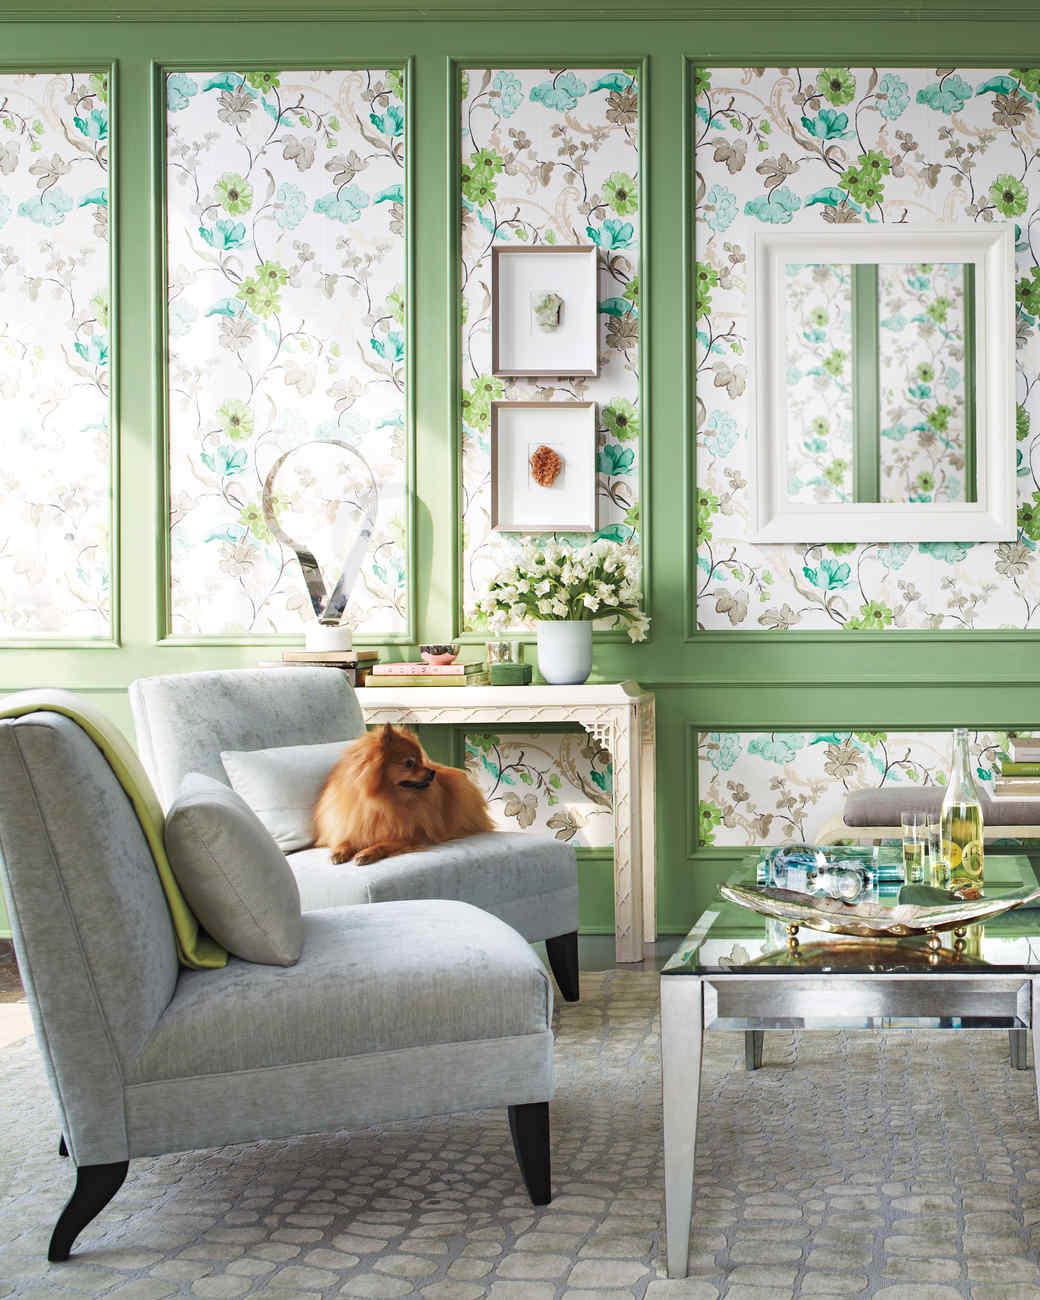 flower-mural-room5f109-0511mld107109.jpg